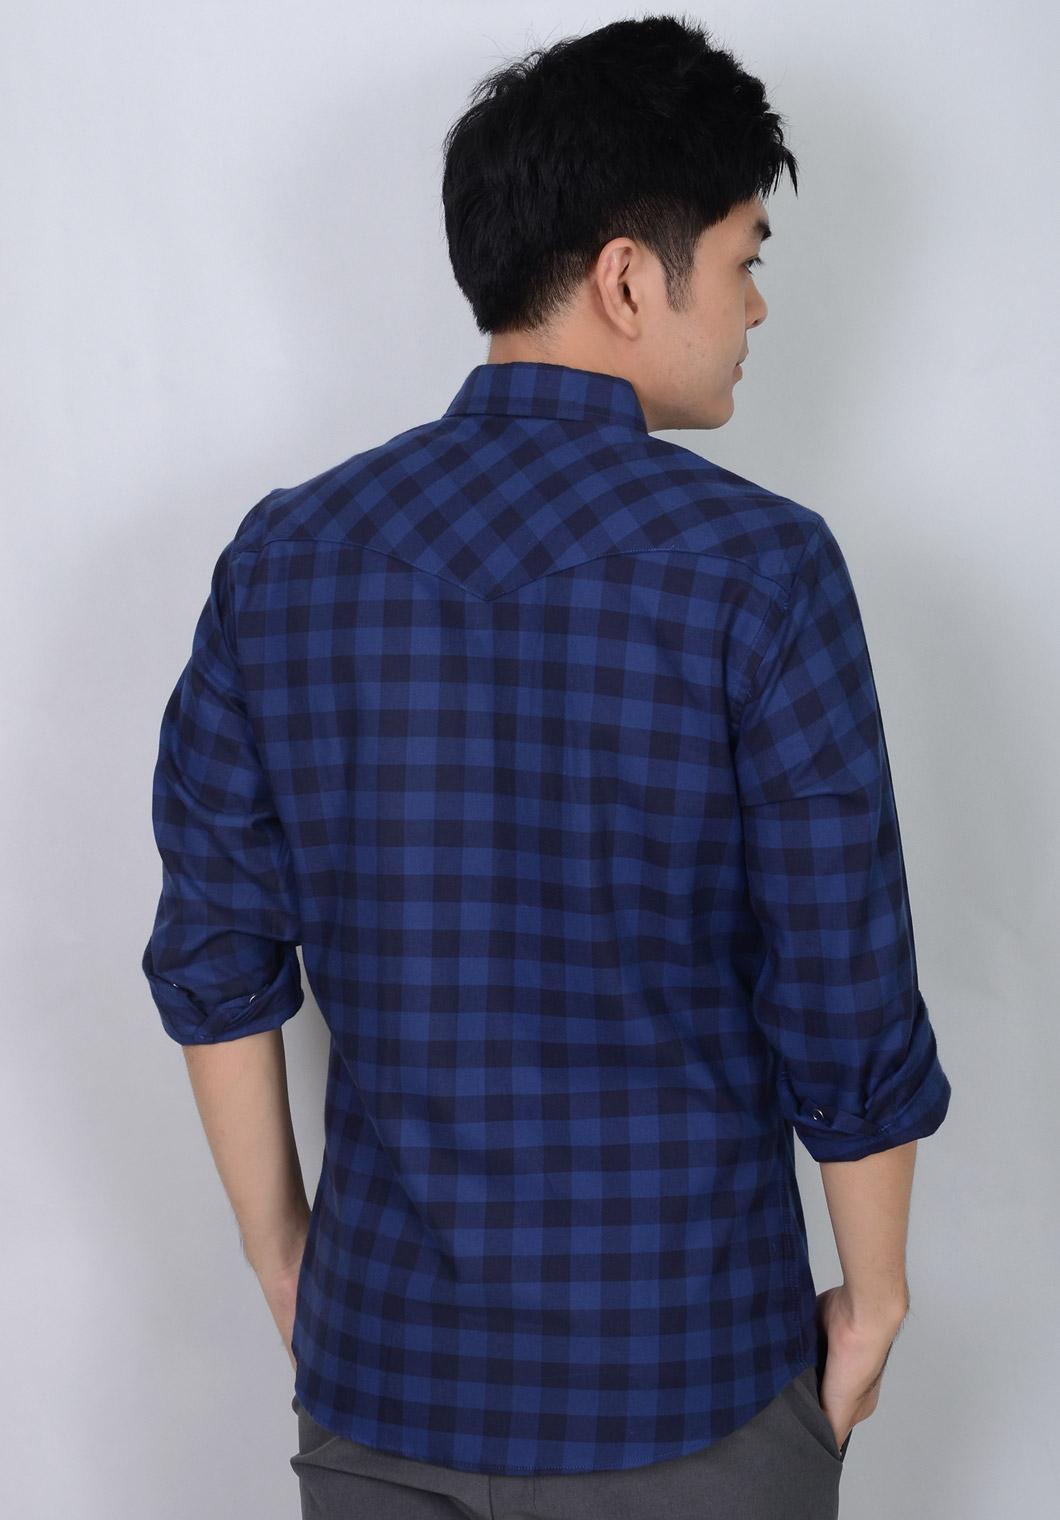 เสื้อเชิ้ตลายสก๊อตสีน้ำเงิน